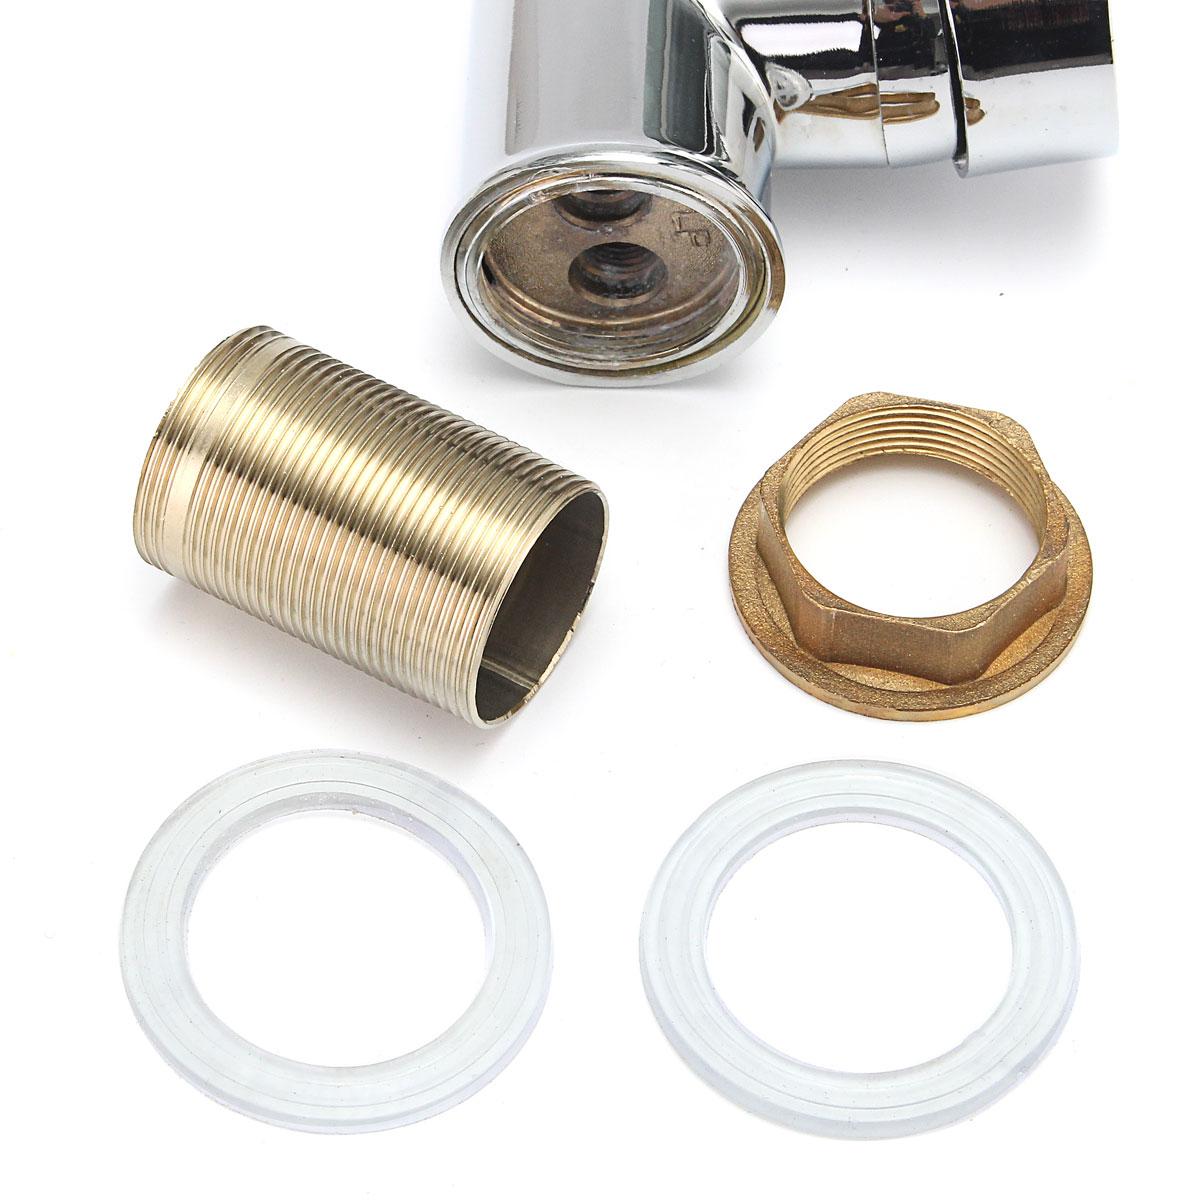 3000w 360 miscelatore rubinetto monocomando scaldabagno for Tubo scaldabagno